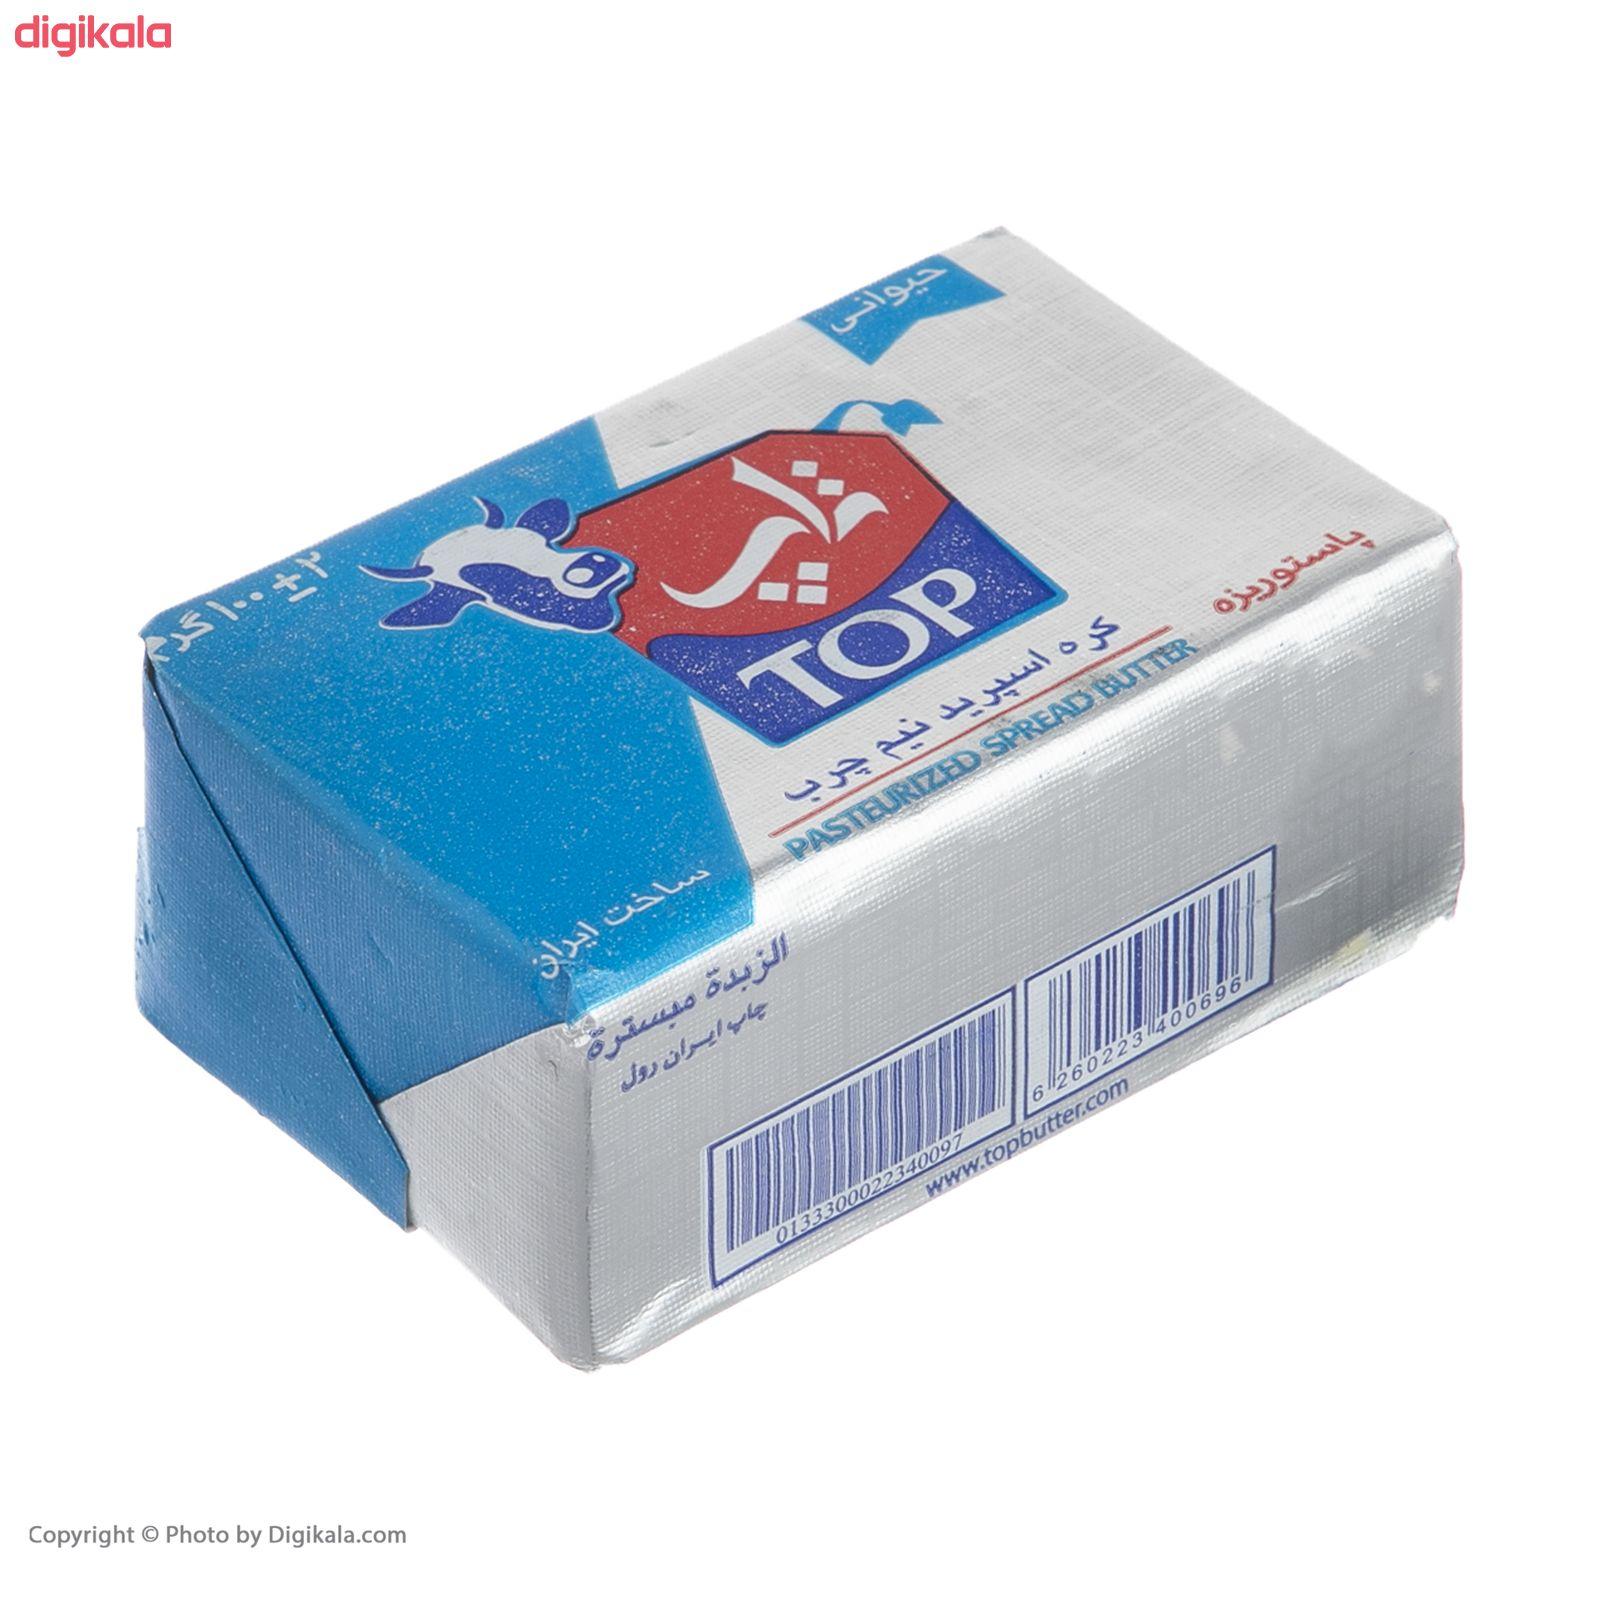 کره اسپرید تاپ - 100 گرم  main 1 4